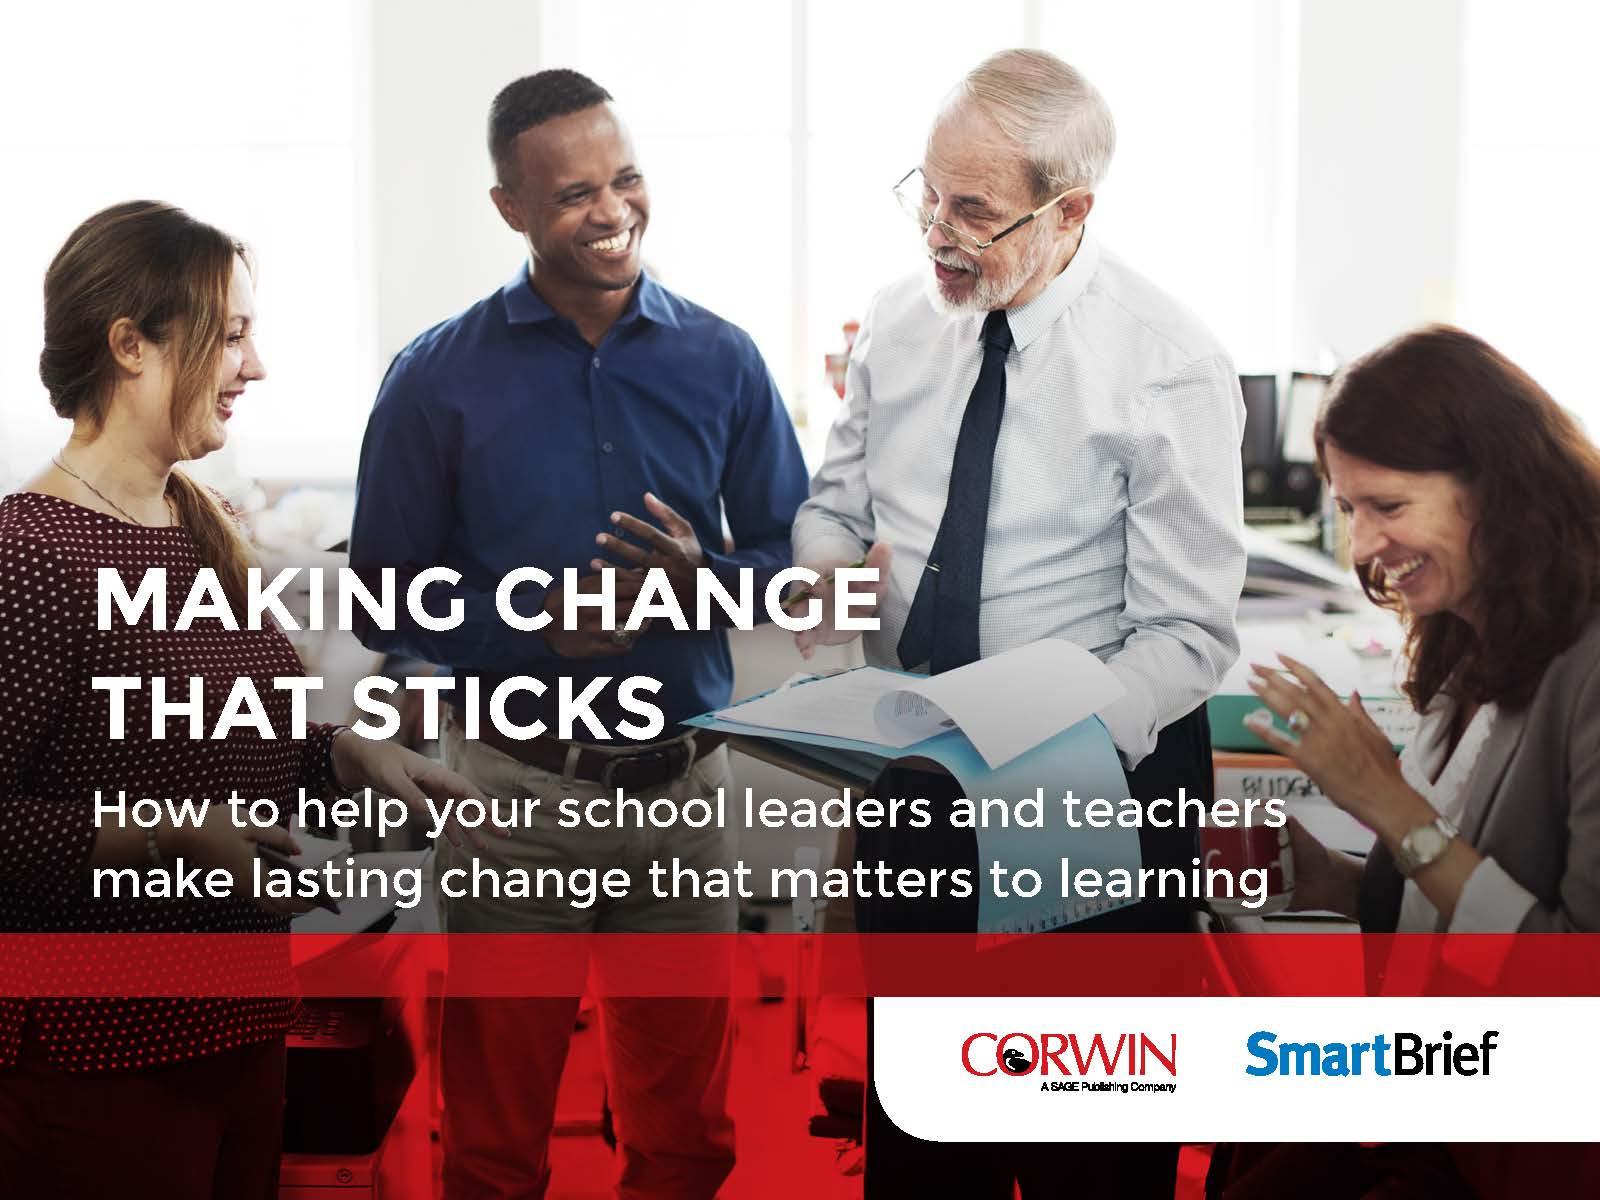 Making Change That Sticks